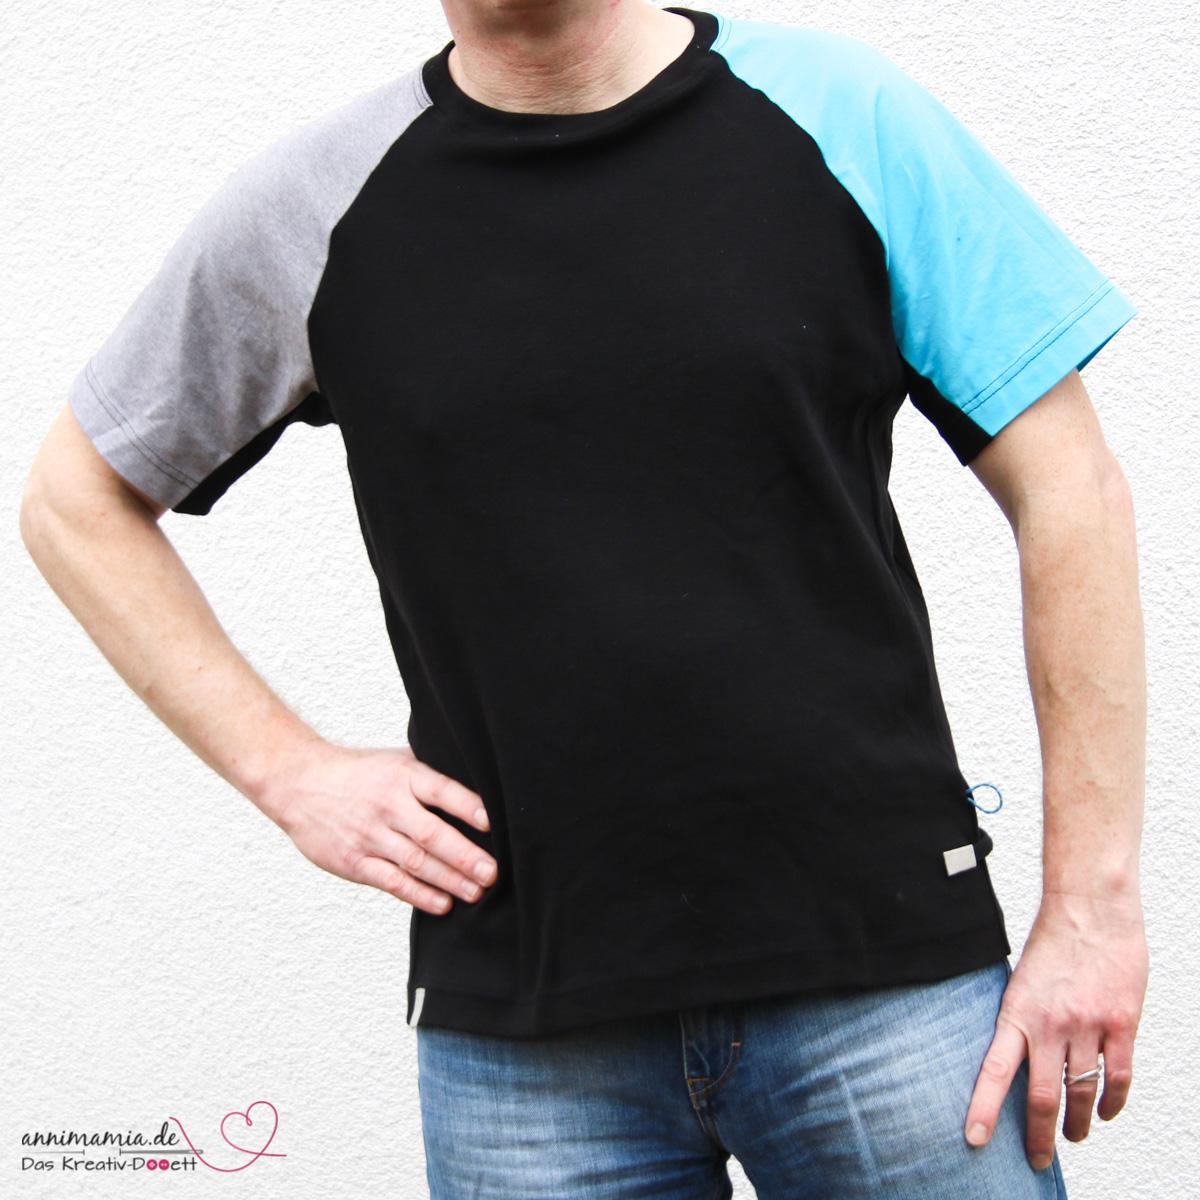 Monsieur Sportif: Klettershirt Nummer 2